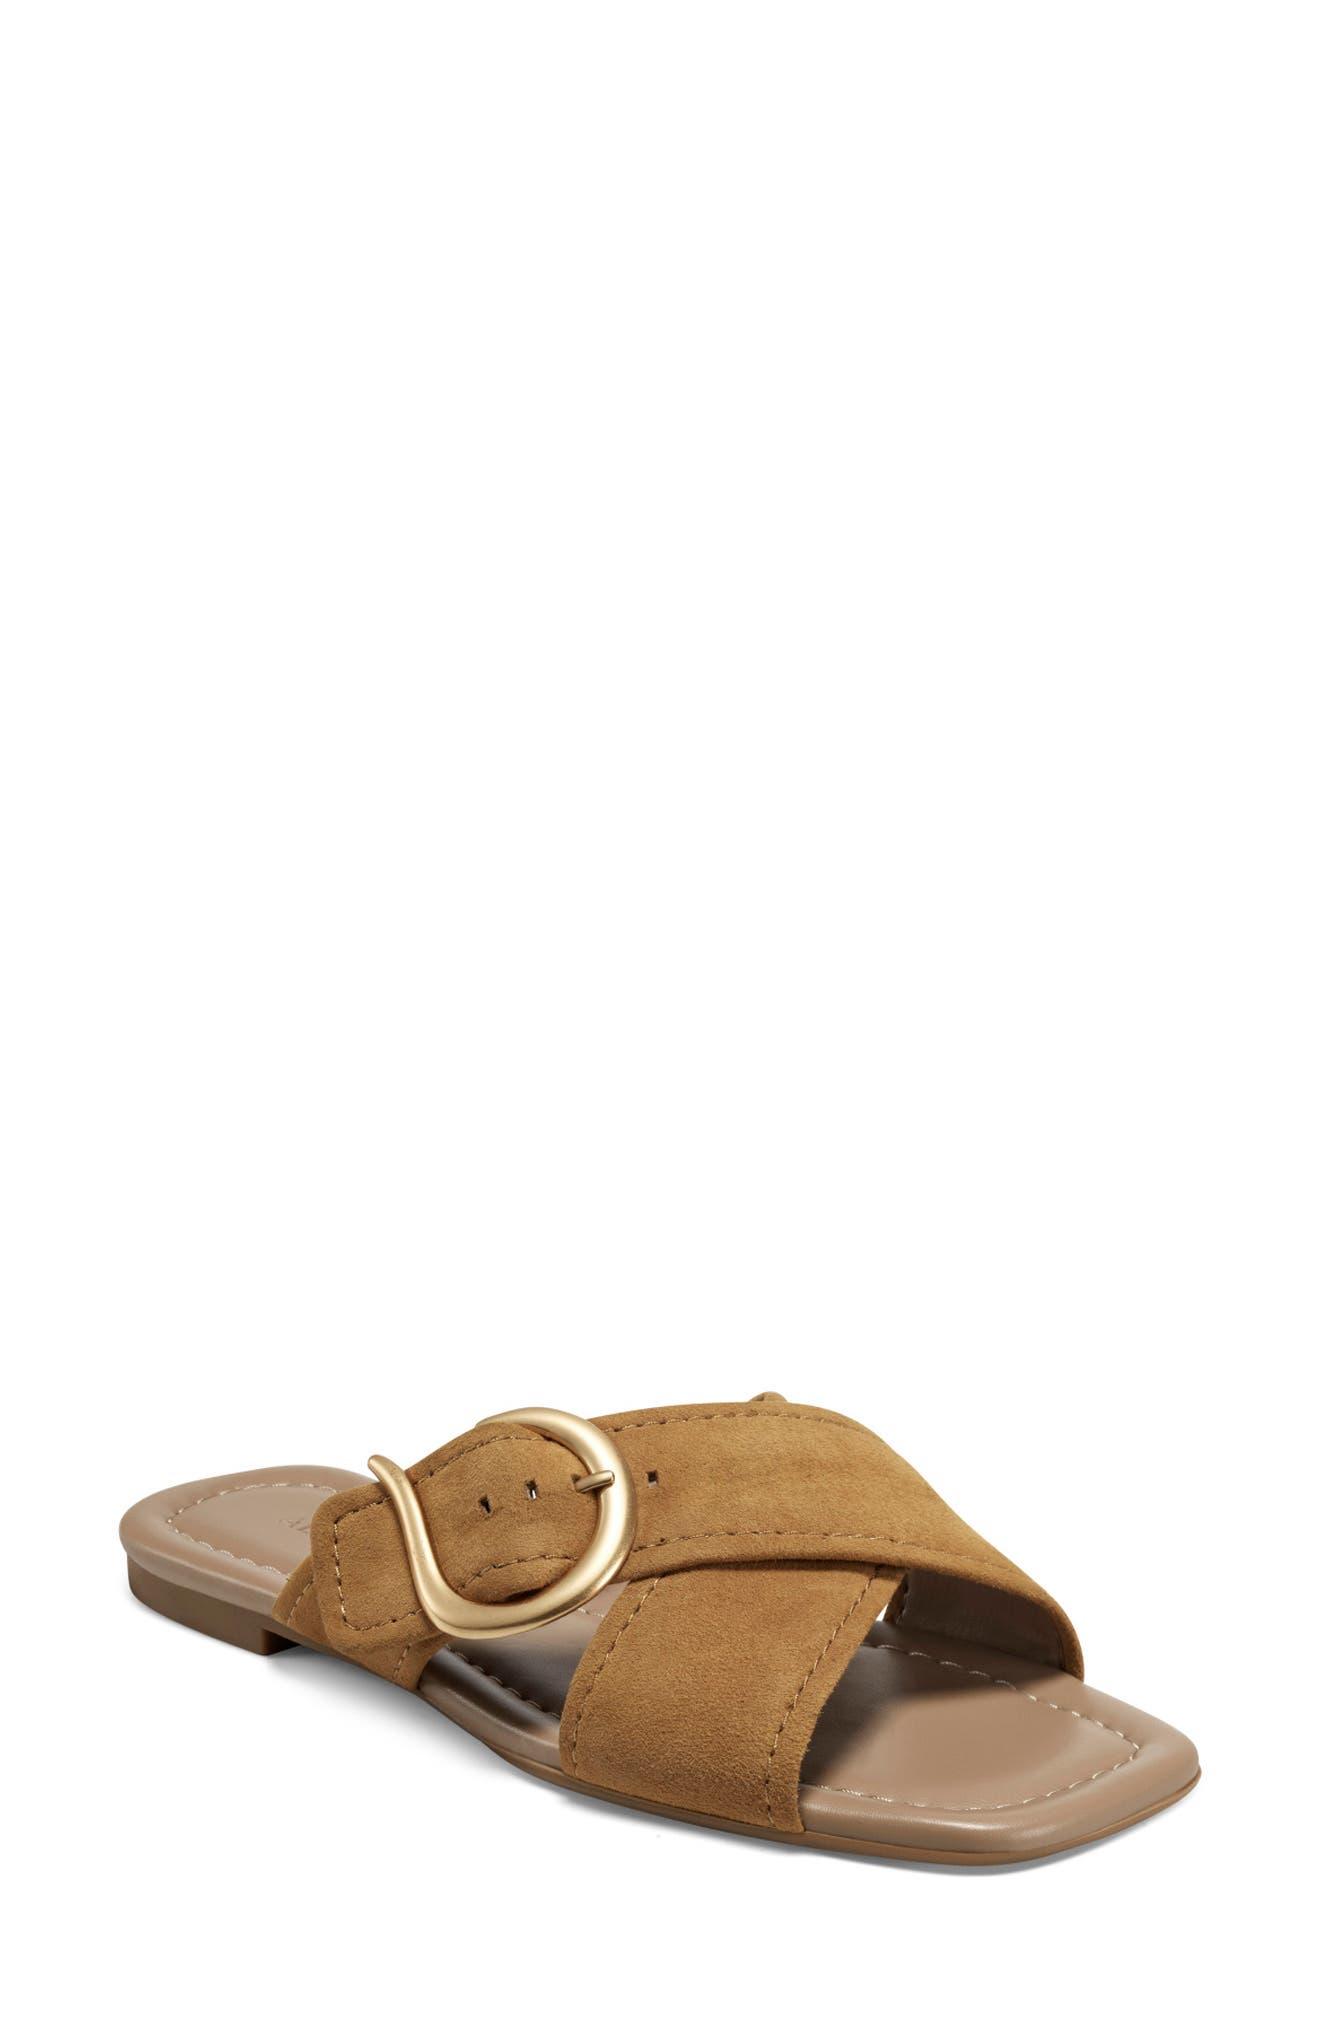 Everlee Slide Sandal